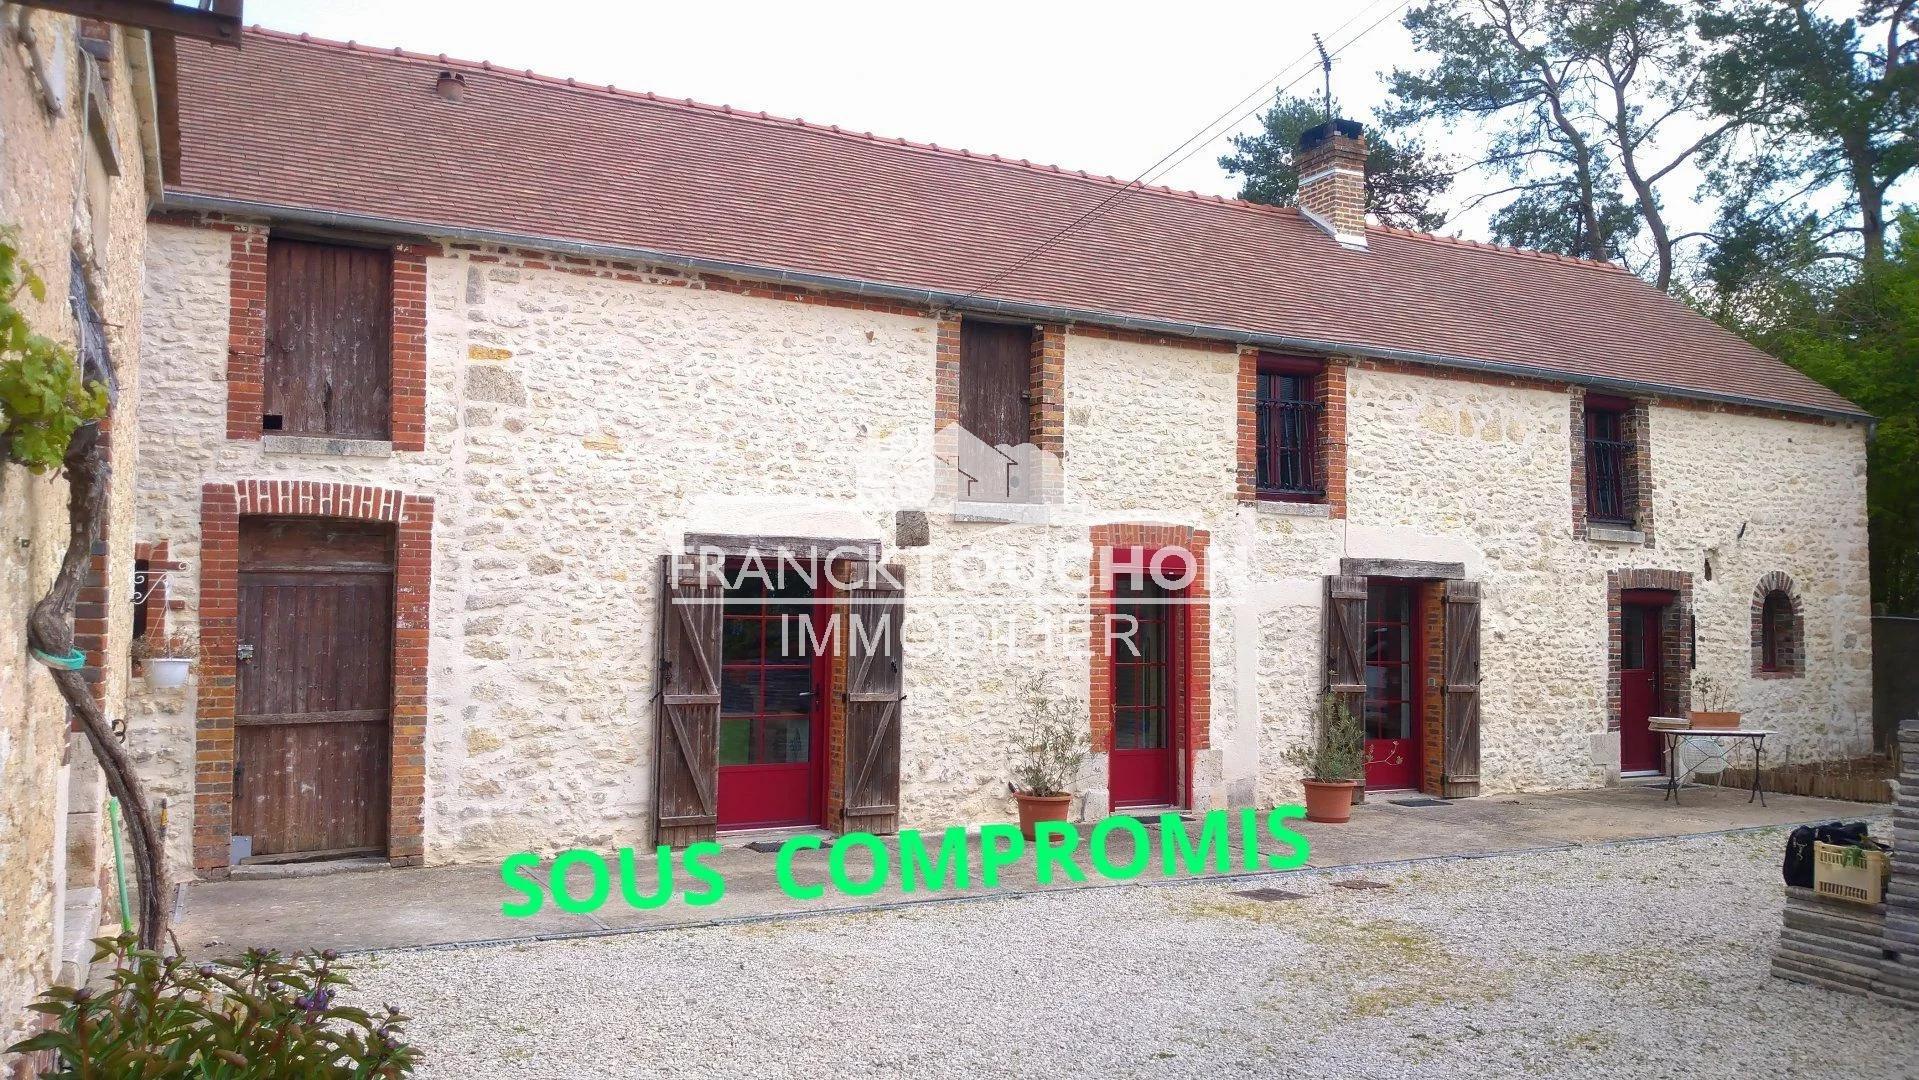 Fermette SH -150 m² - 5 pièces - Terrain 2900 m²